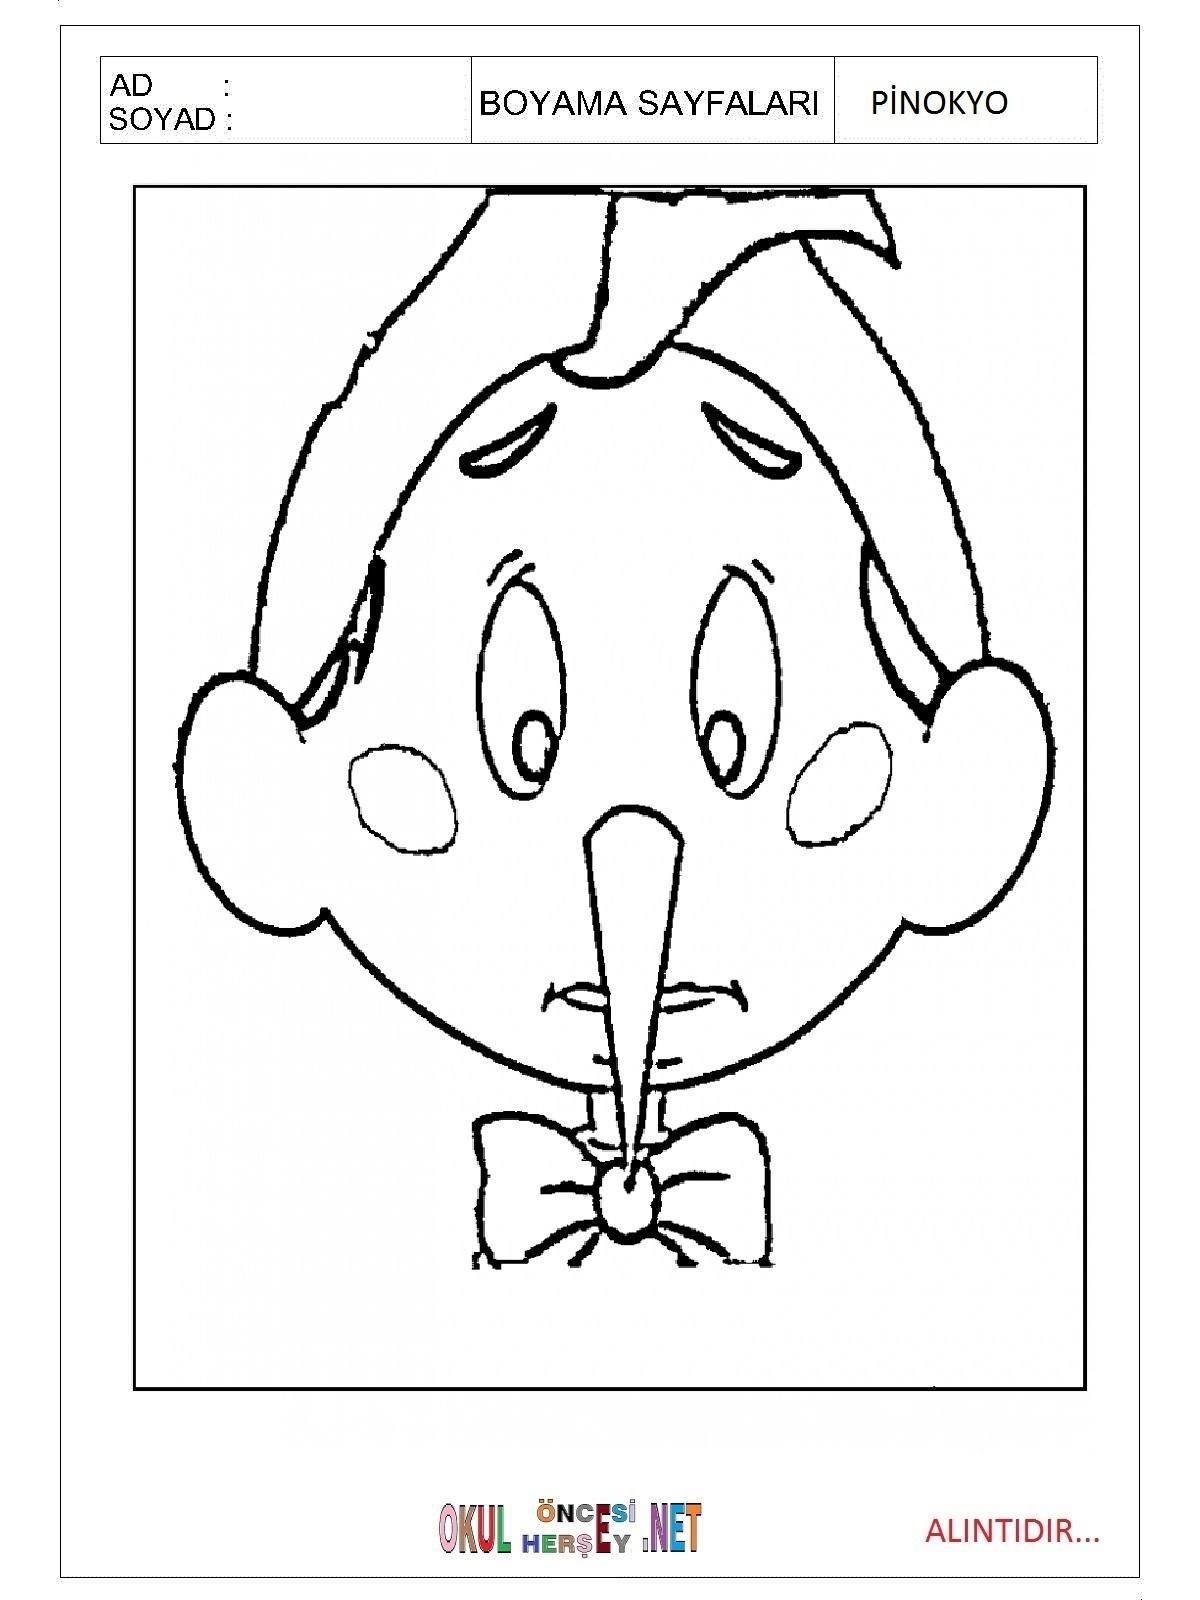 Pinokyo Boyama Sayfalari